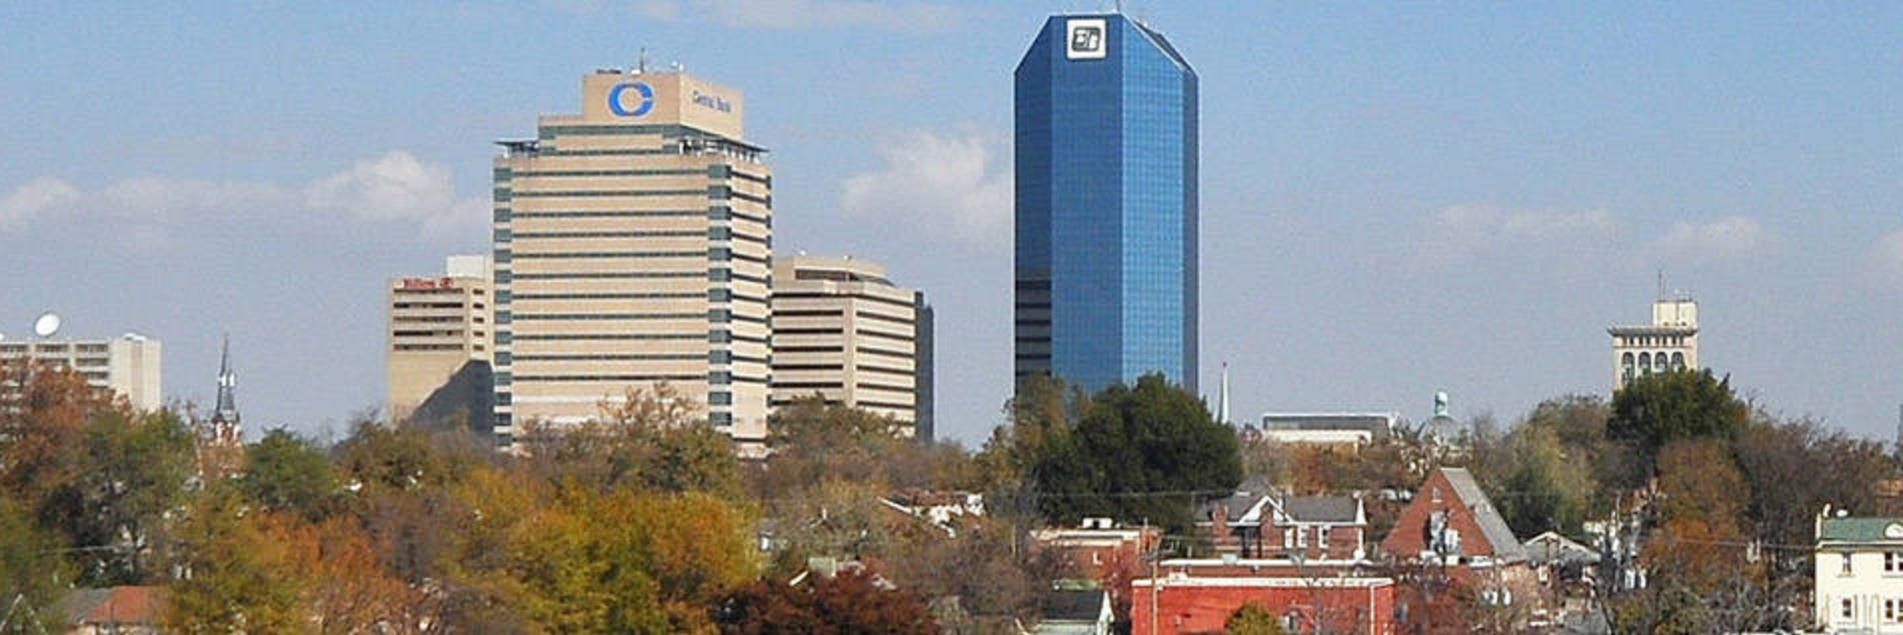 Lexington Skyline from the South